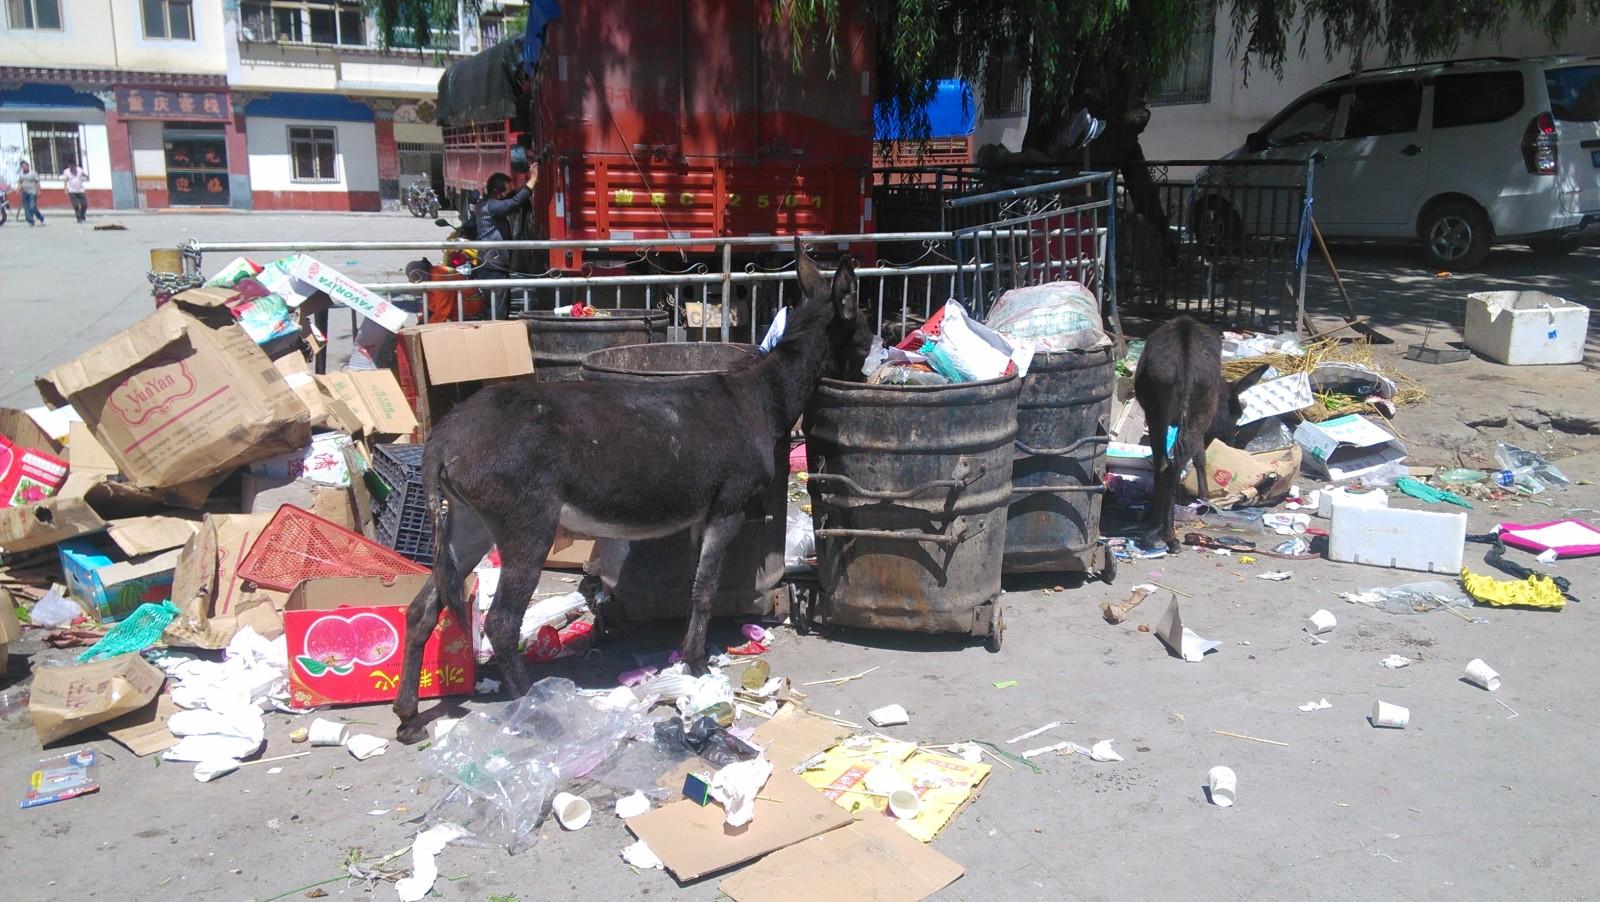 可怜的驴儿们没吃的只能来翻垃圾桶